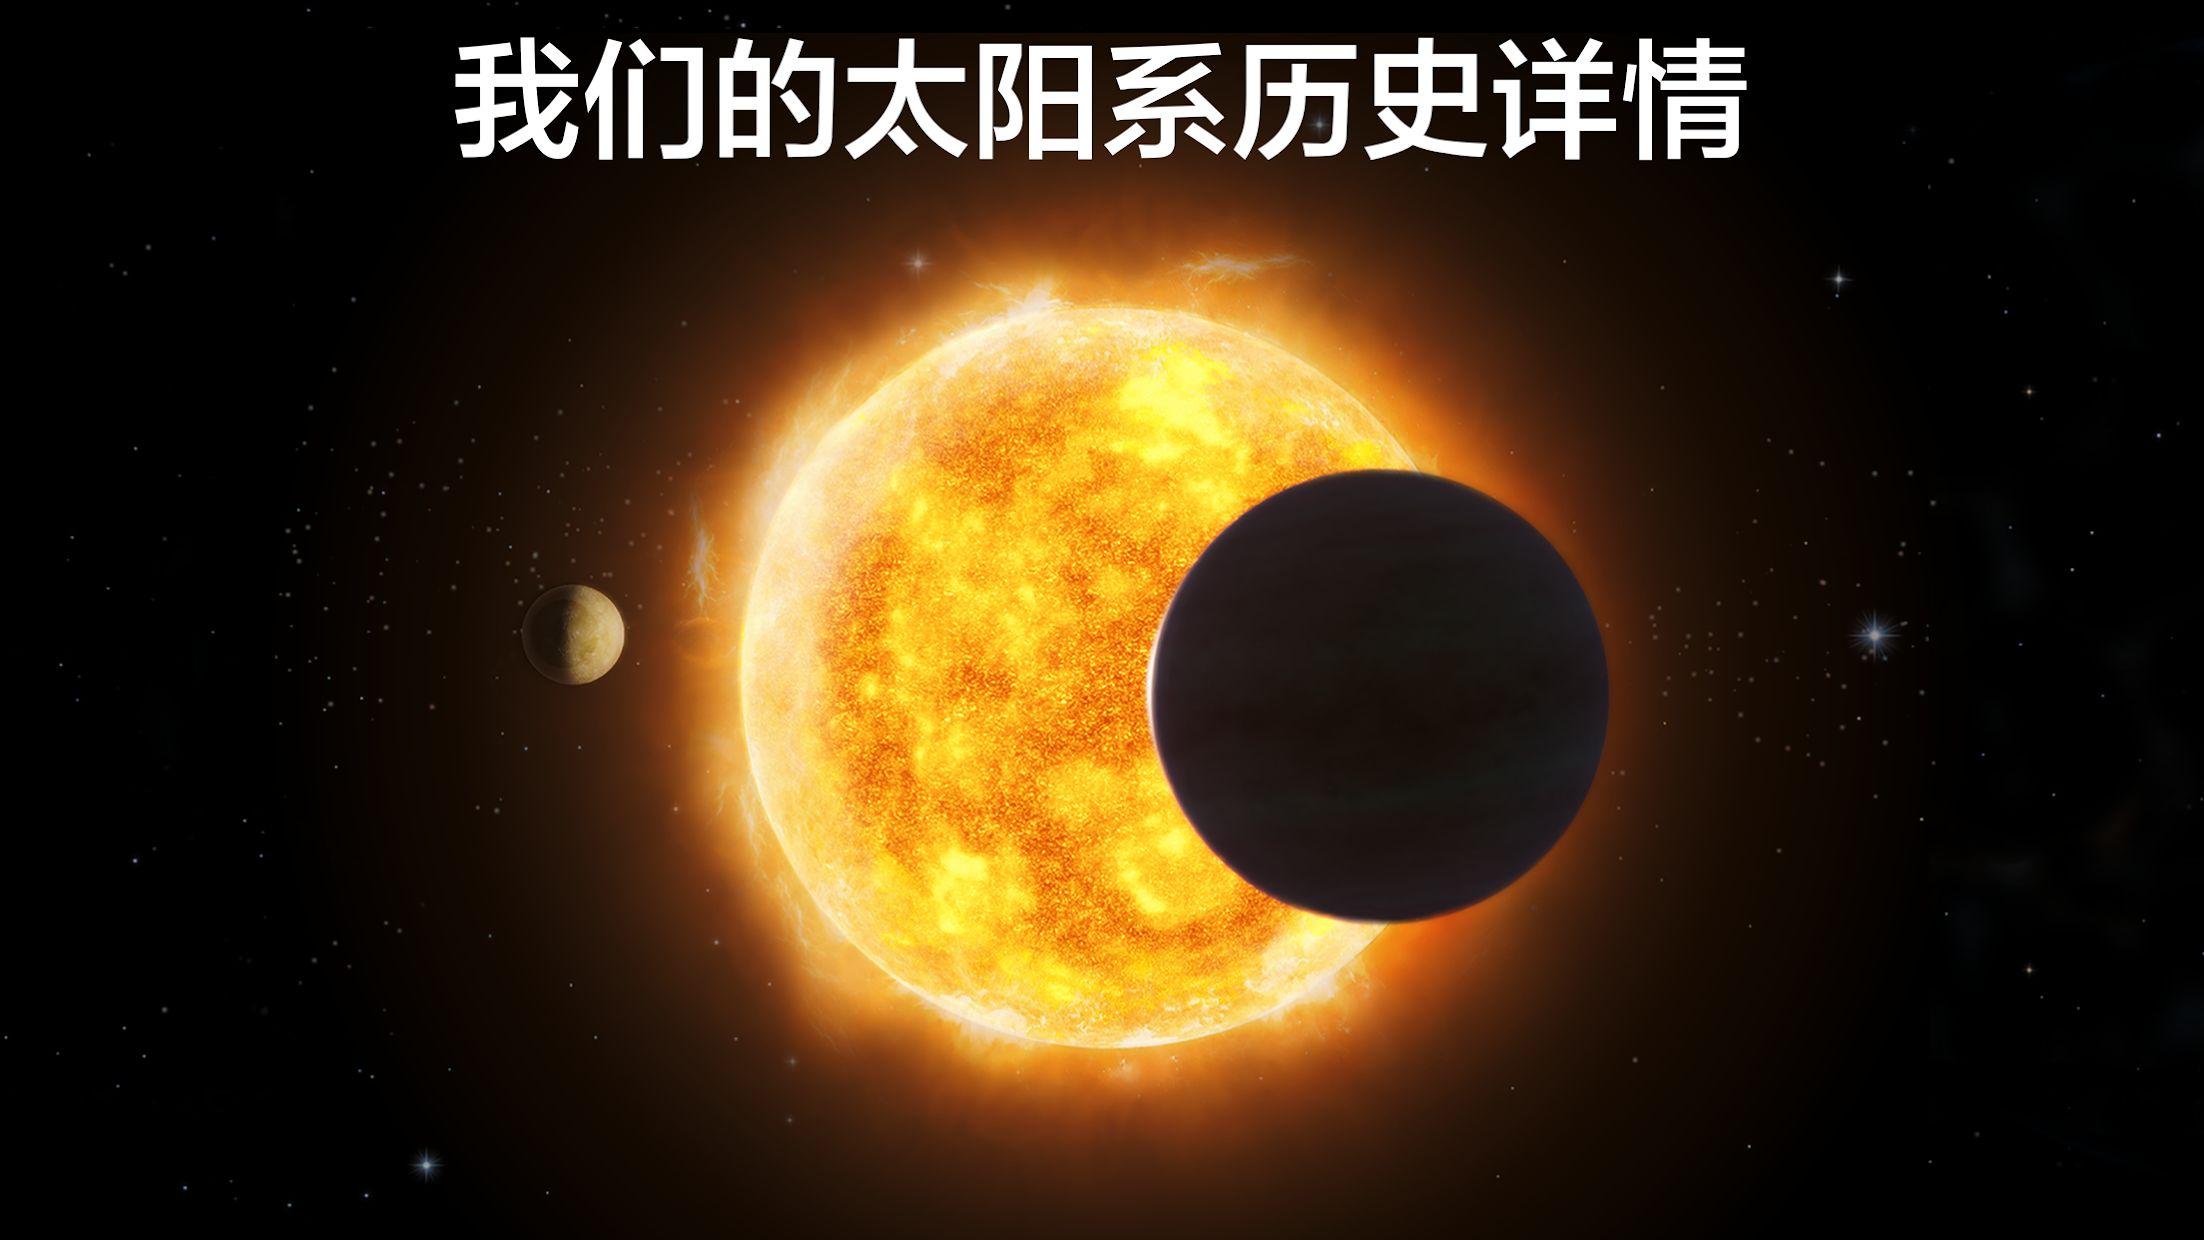 Solar Walk 2 Free - 宇宙模拟,空间探索,太空任务和航天器3D 游戏截图2